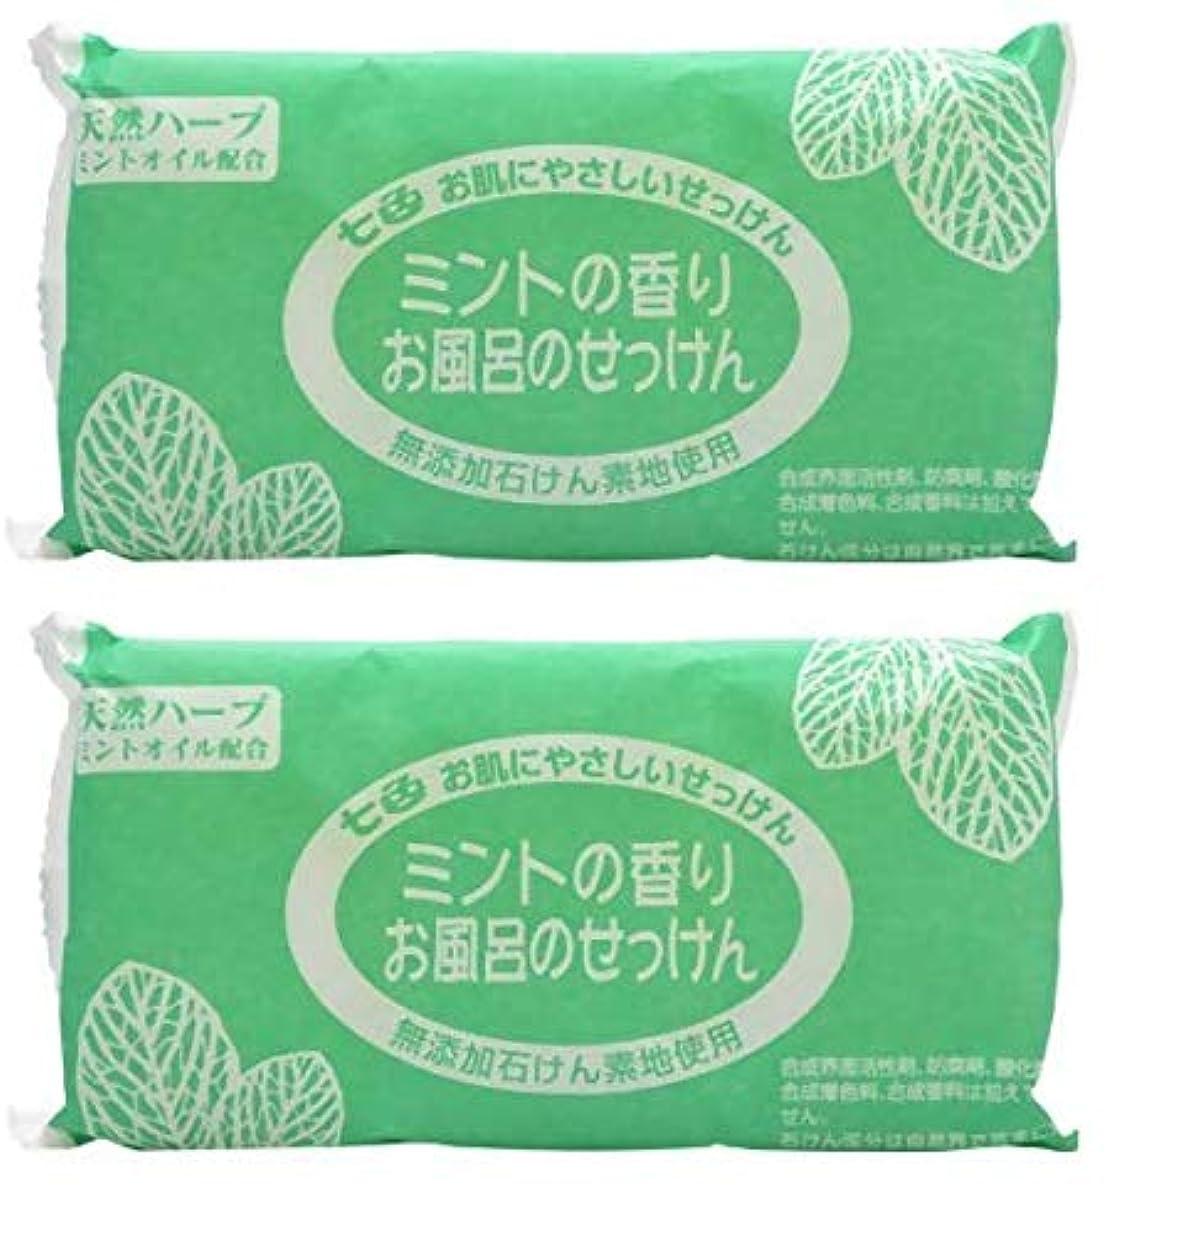 性能ゆるい起こる七色 お風呂のせっけん ミントの香り(無添加石鹸) 100g×6個入